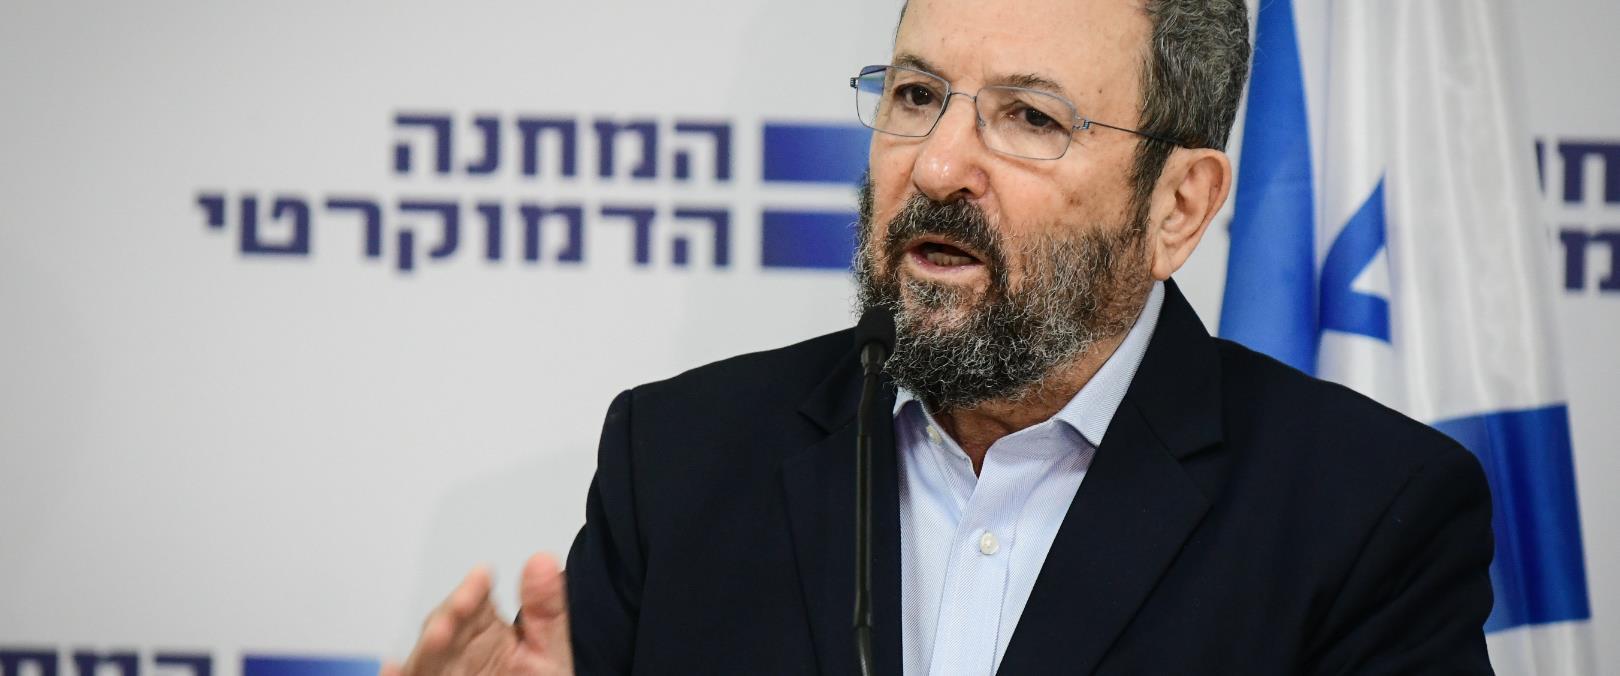 אהוד ברק במסיבת עיתונאים של המחנה הדמוקרטי בתל אבי